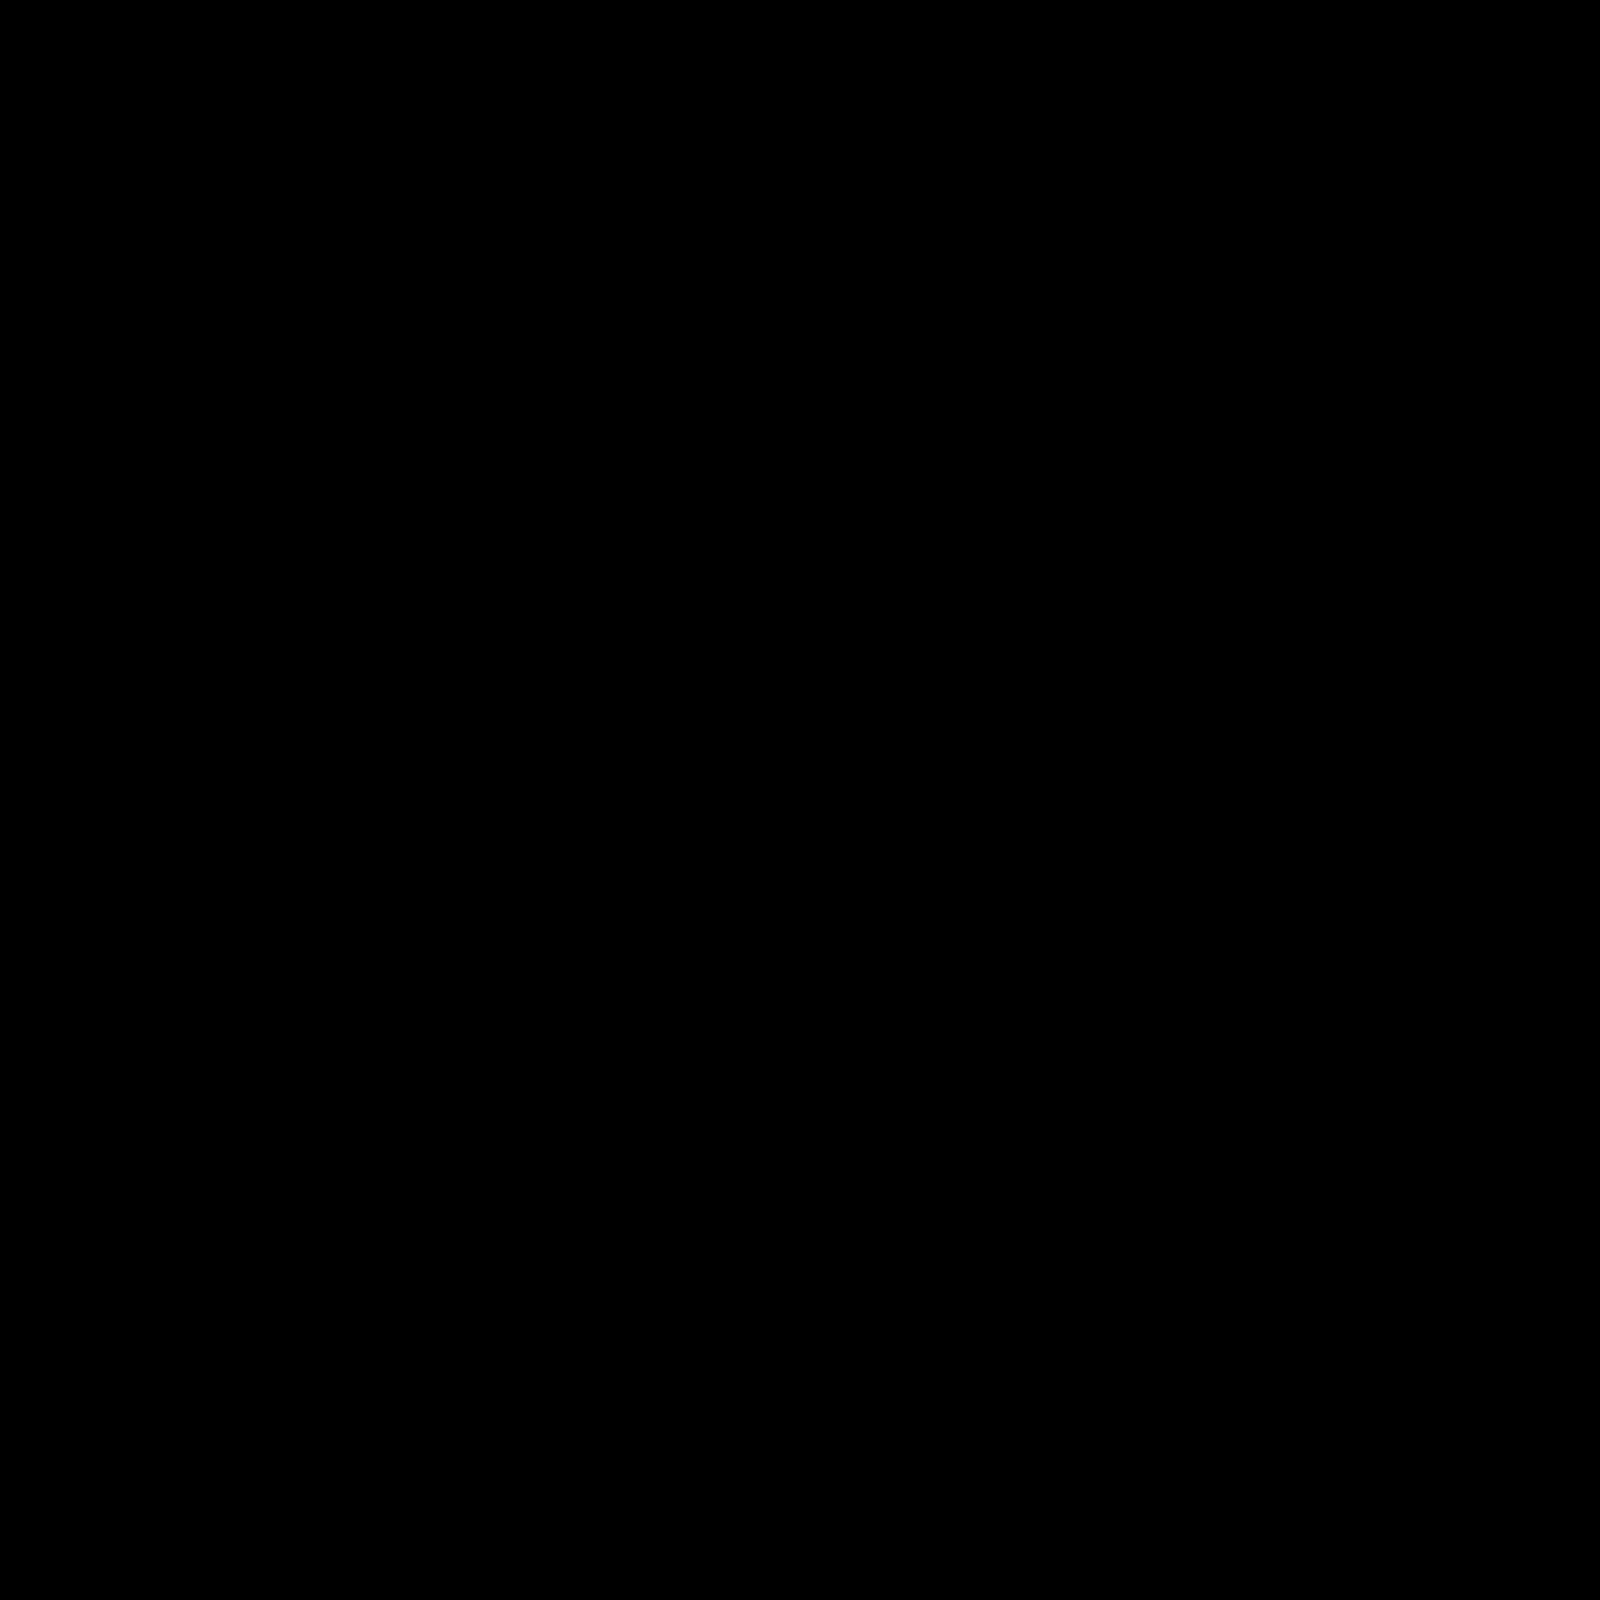 浮动大师 icon. The icon is of a person sitting with their legs crossed and their hands on top of their knees. The person is floating slightly above the ground.